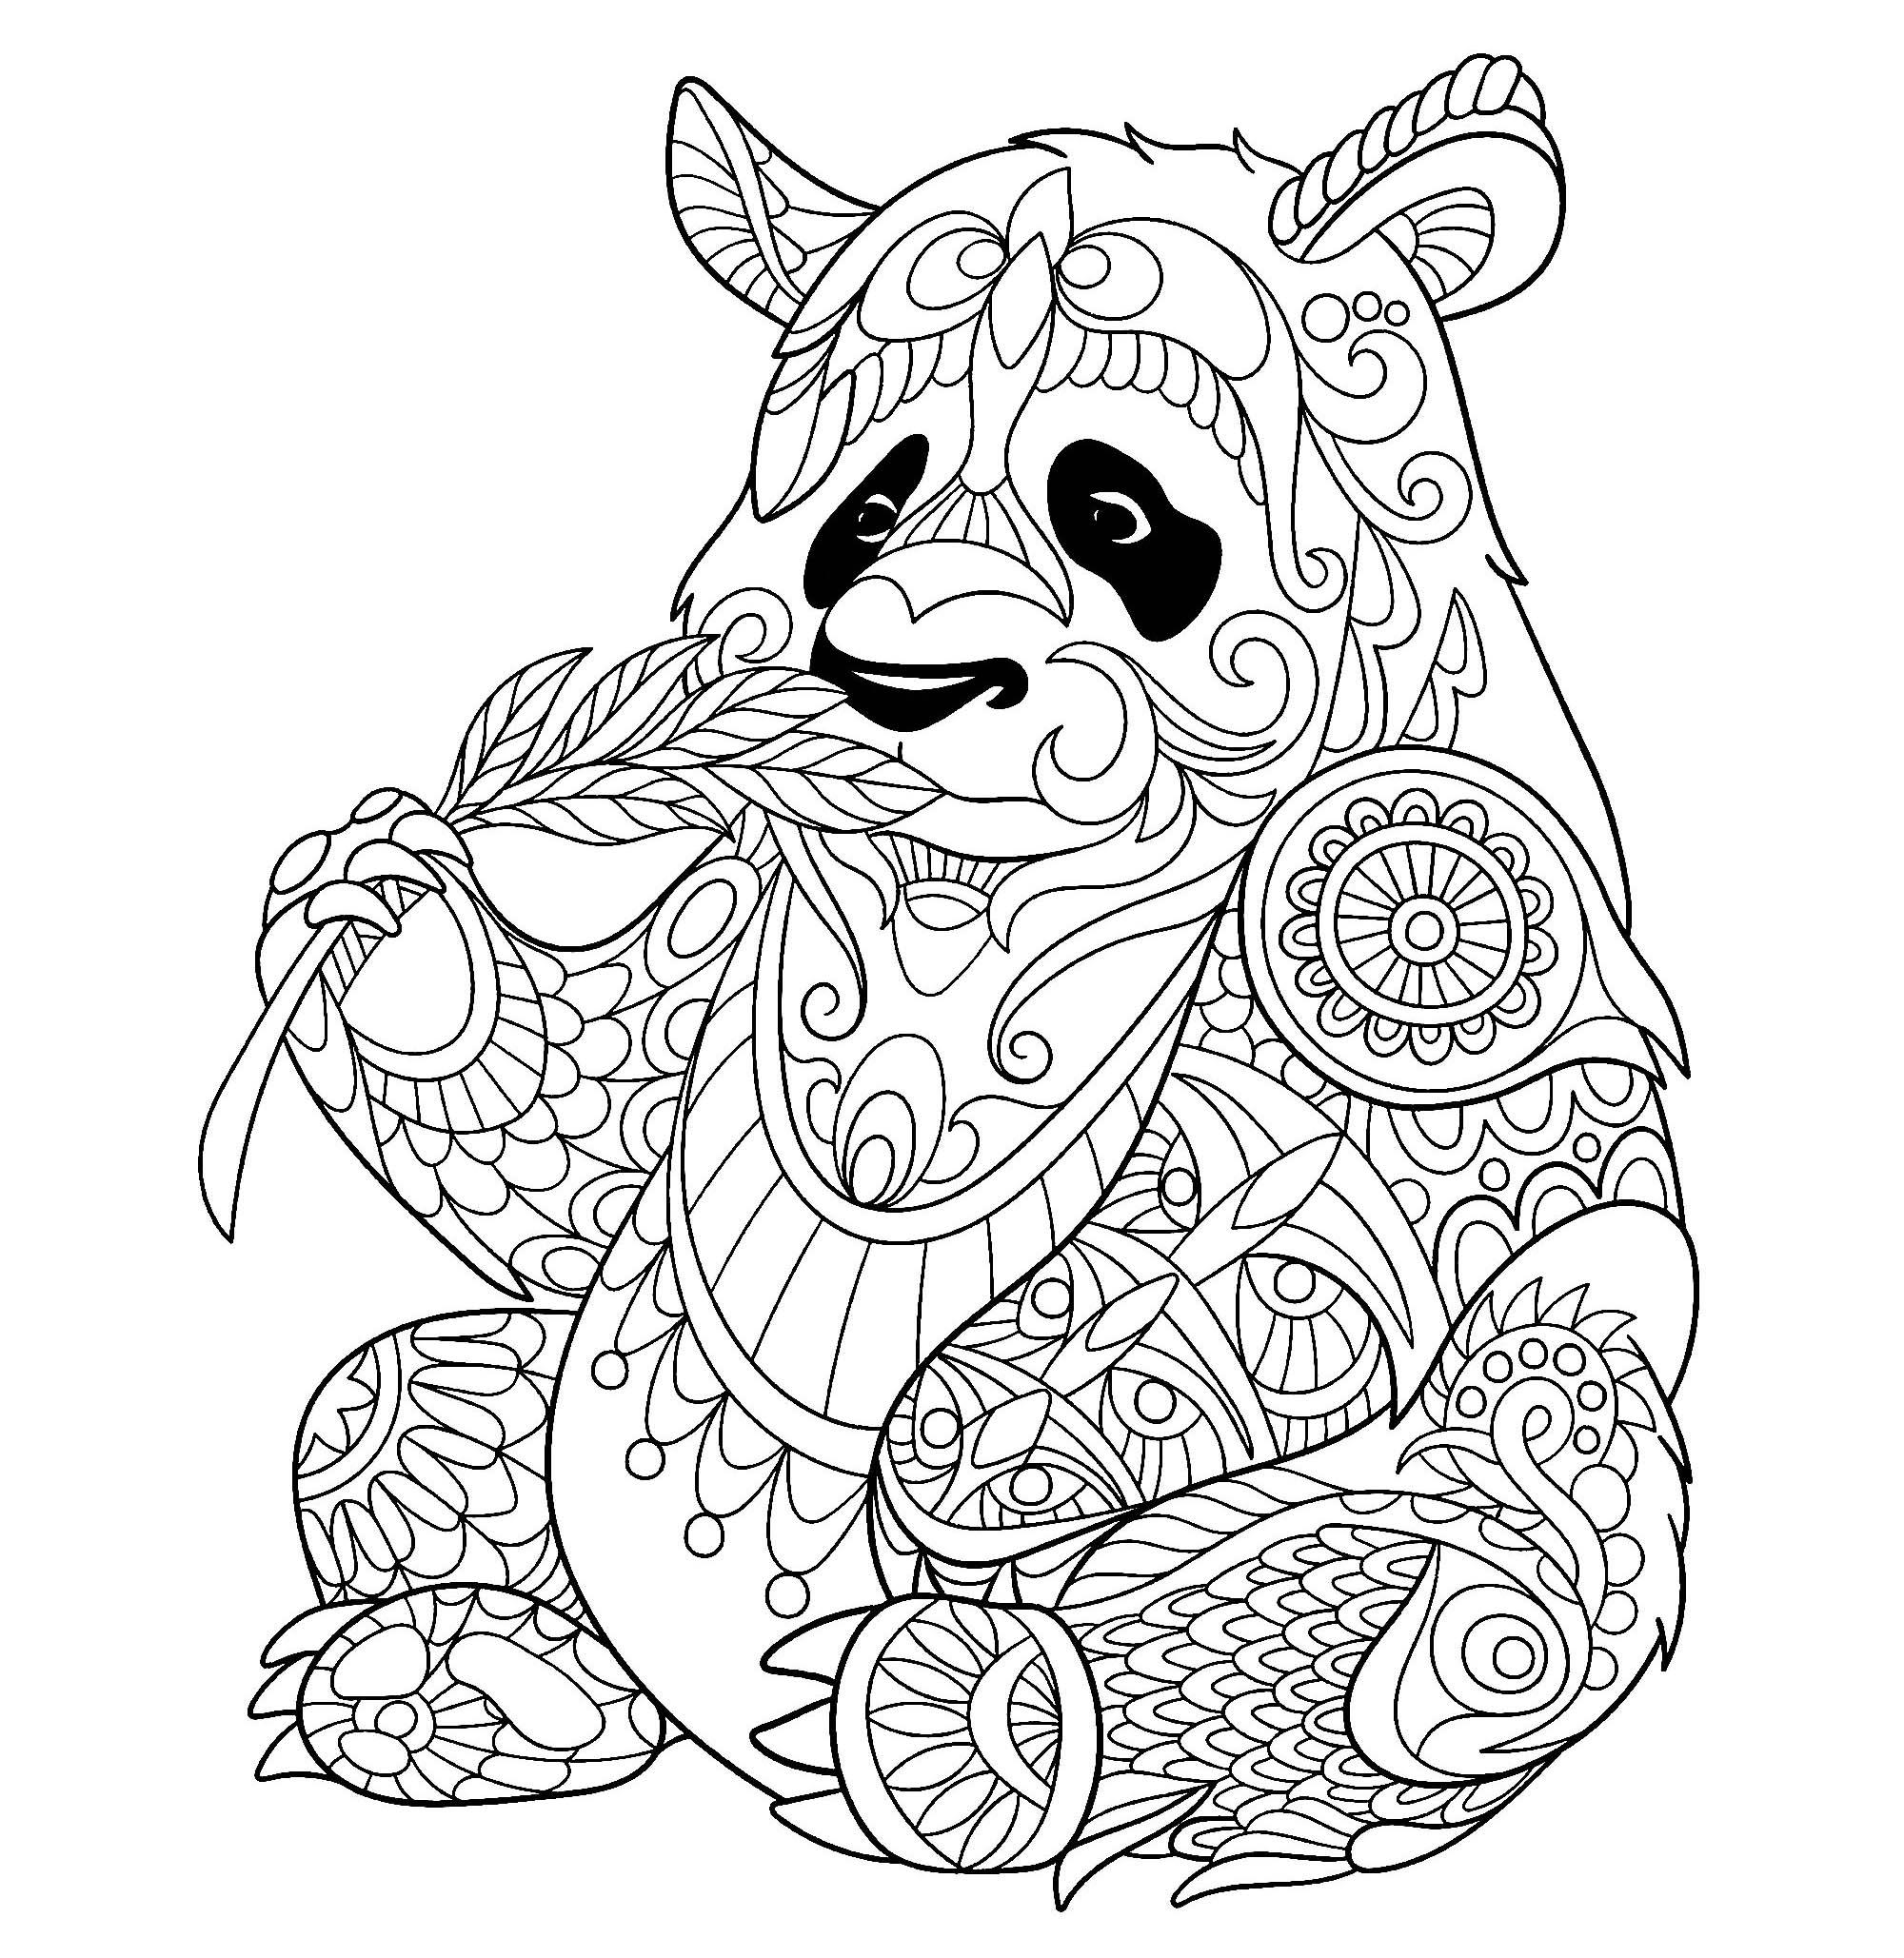 Panda 78287 - Panda - Colorear para Adultos